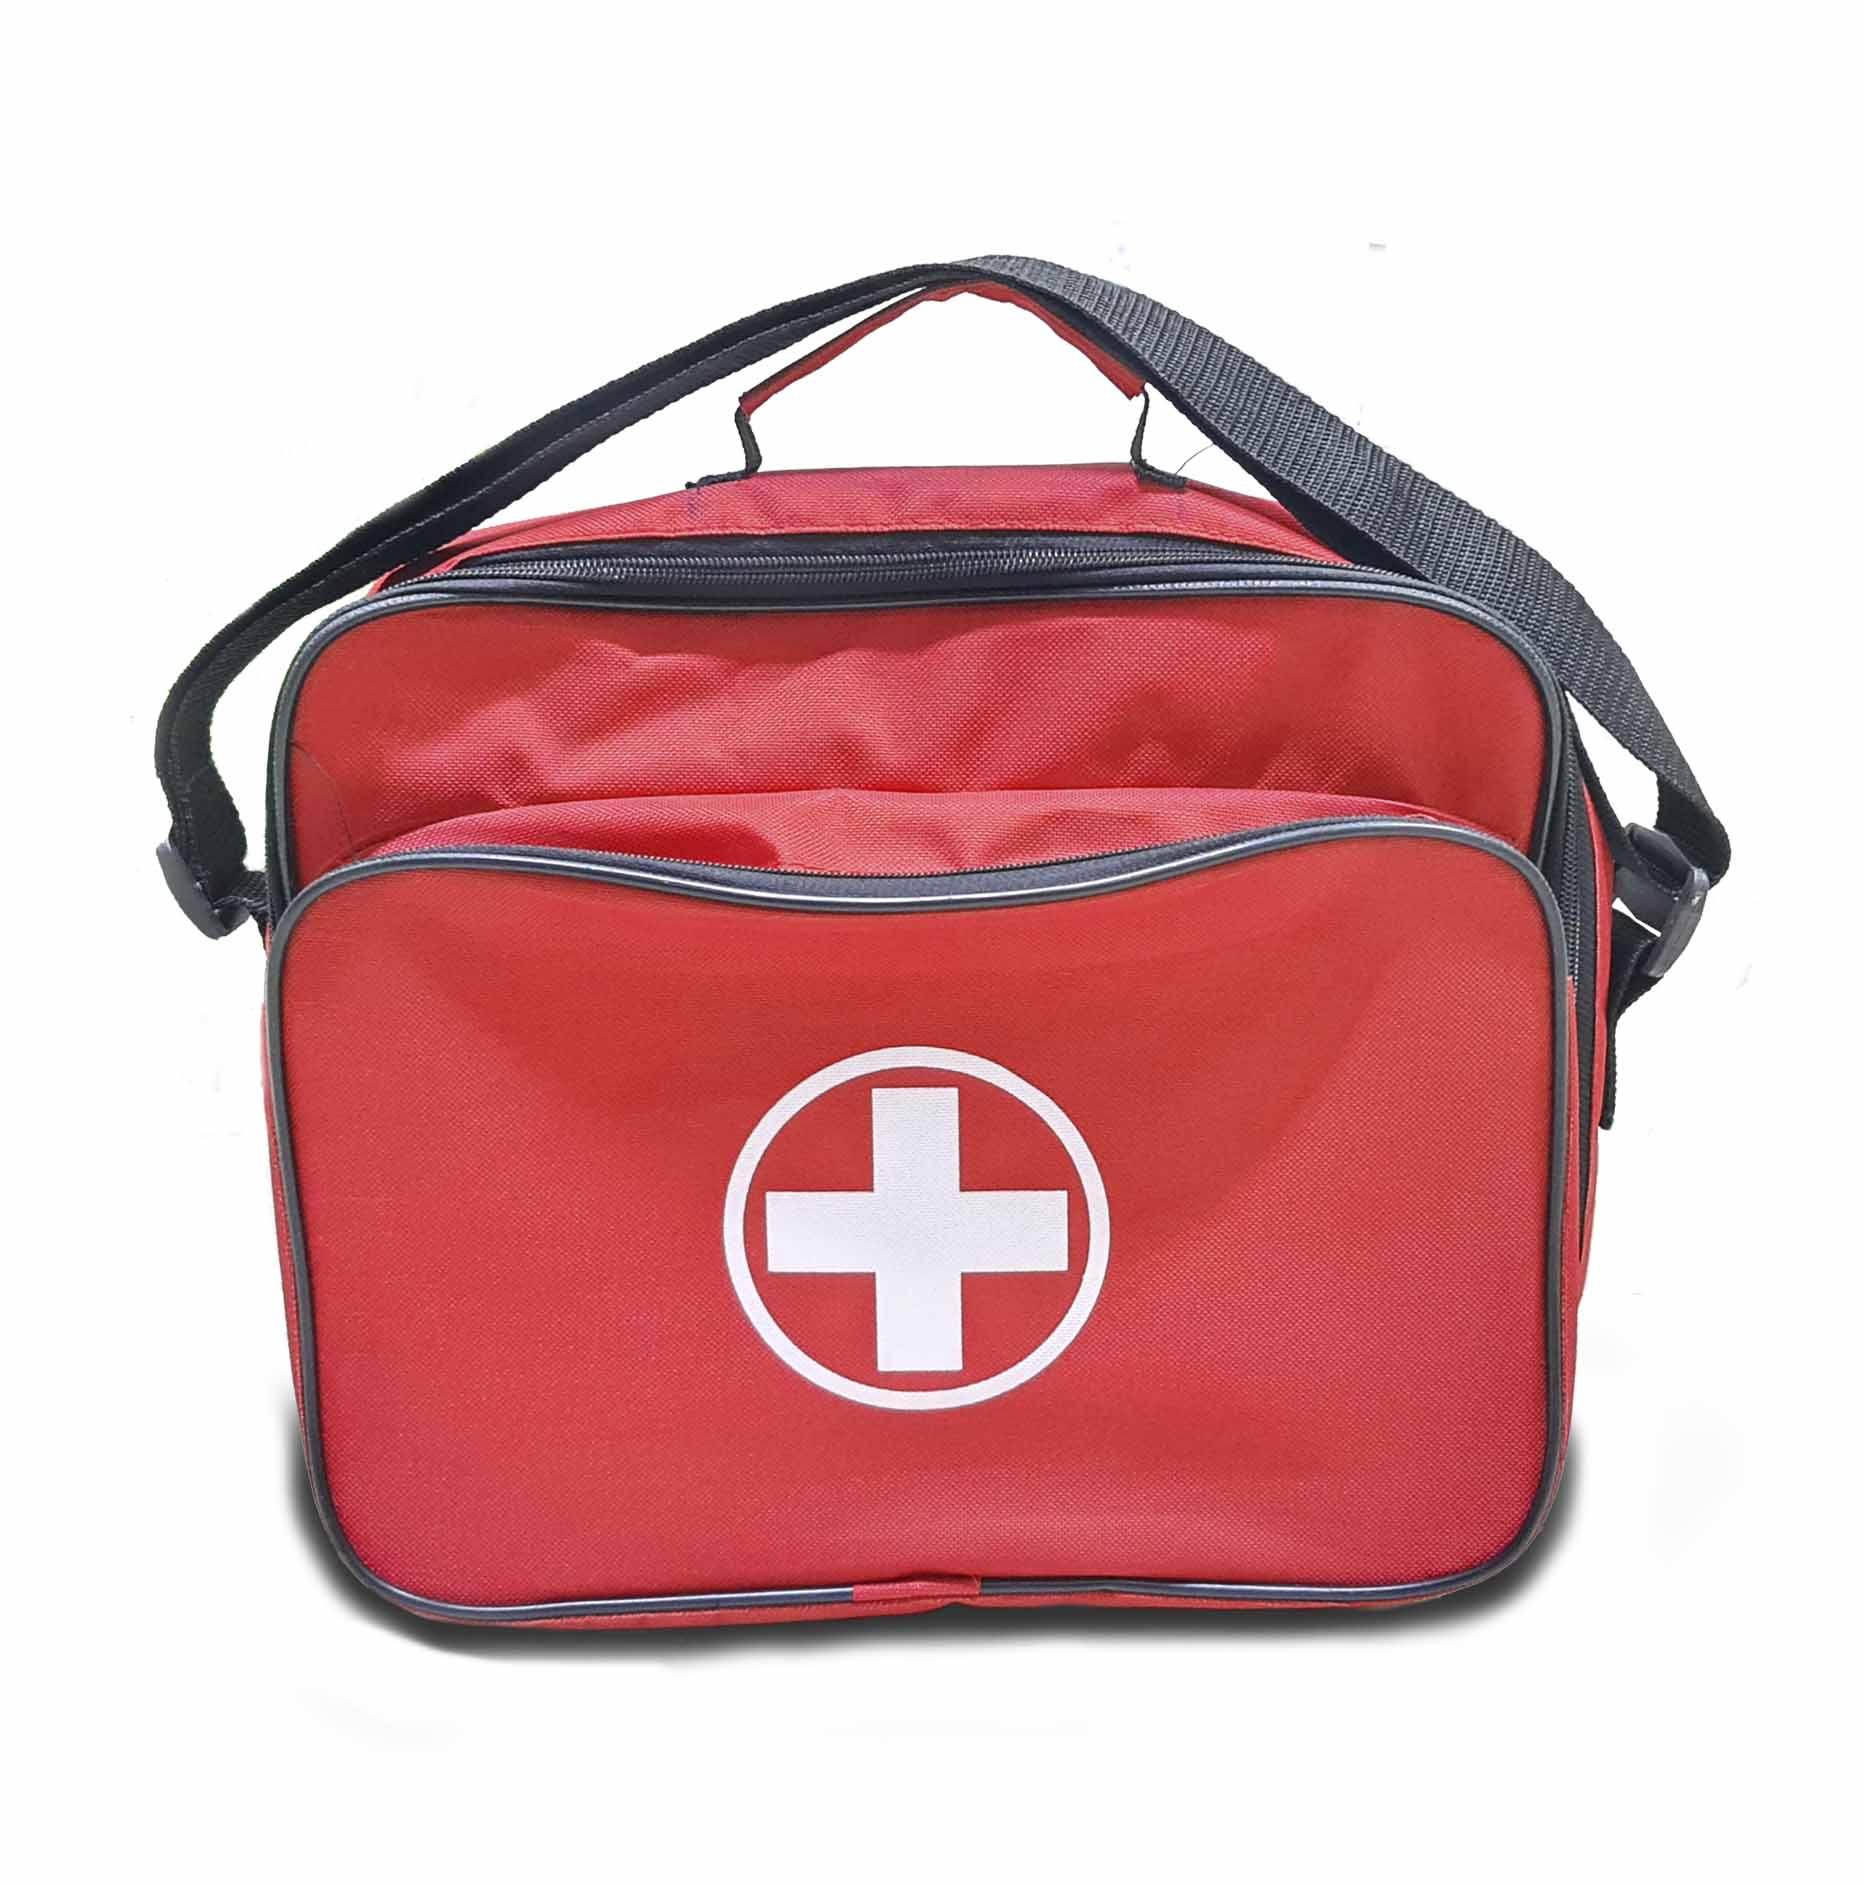 Botiquín Portátil tipo maleta color rojo de tela